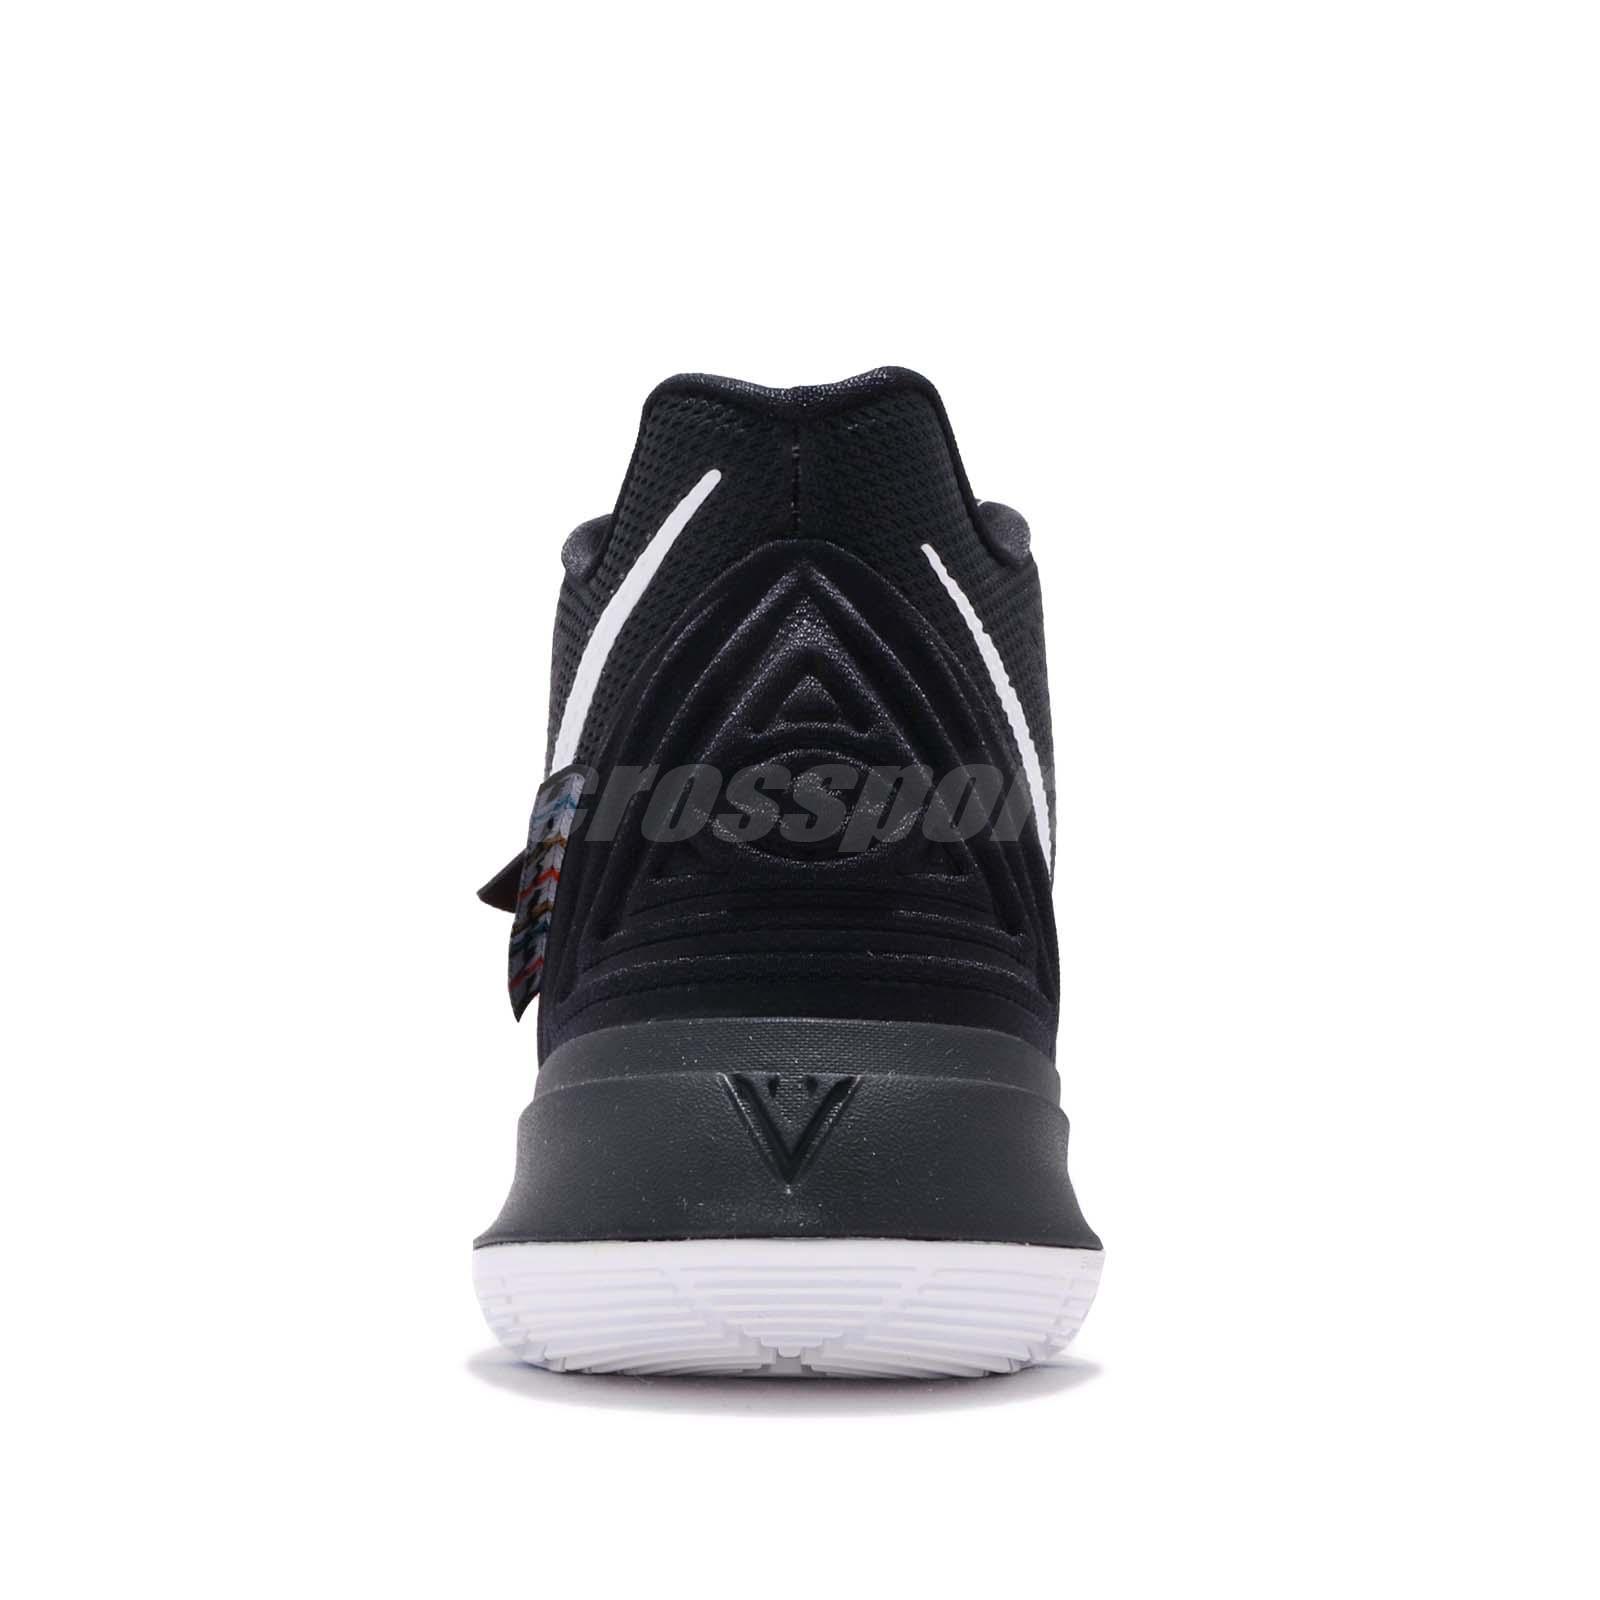 e530622904b3 Color  BLACK WHITE-BRIGHT CRIMSON. Made In  China. Condition  Brand New  With Box